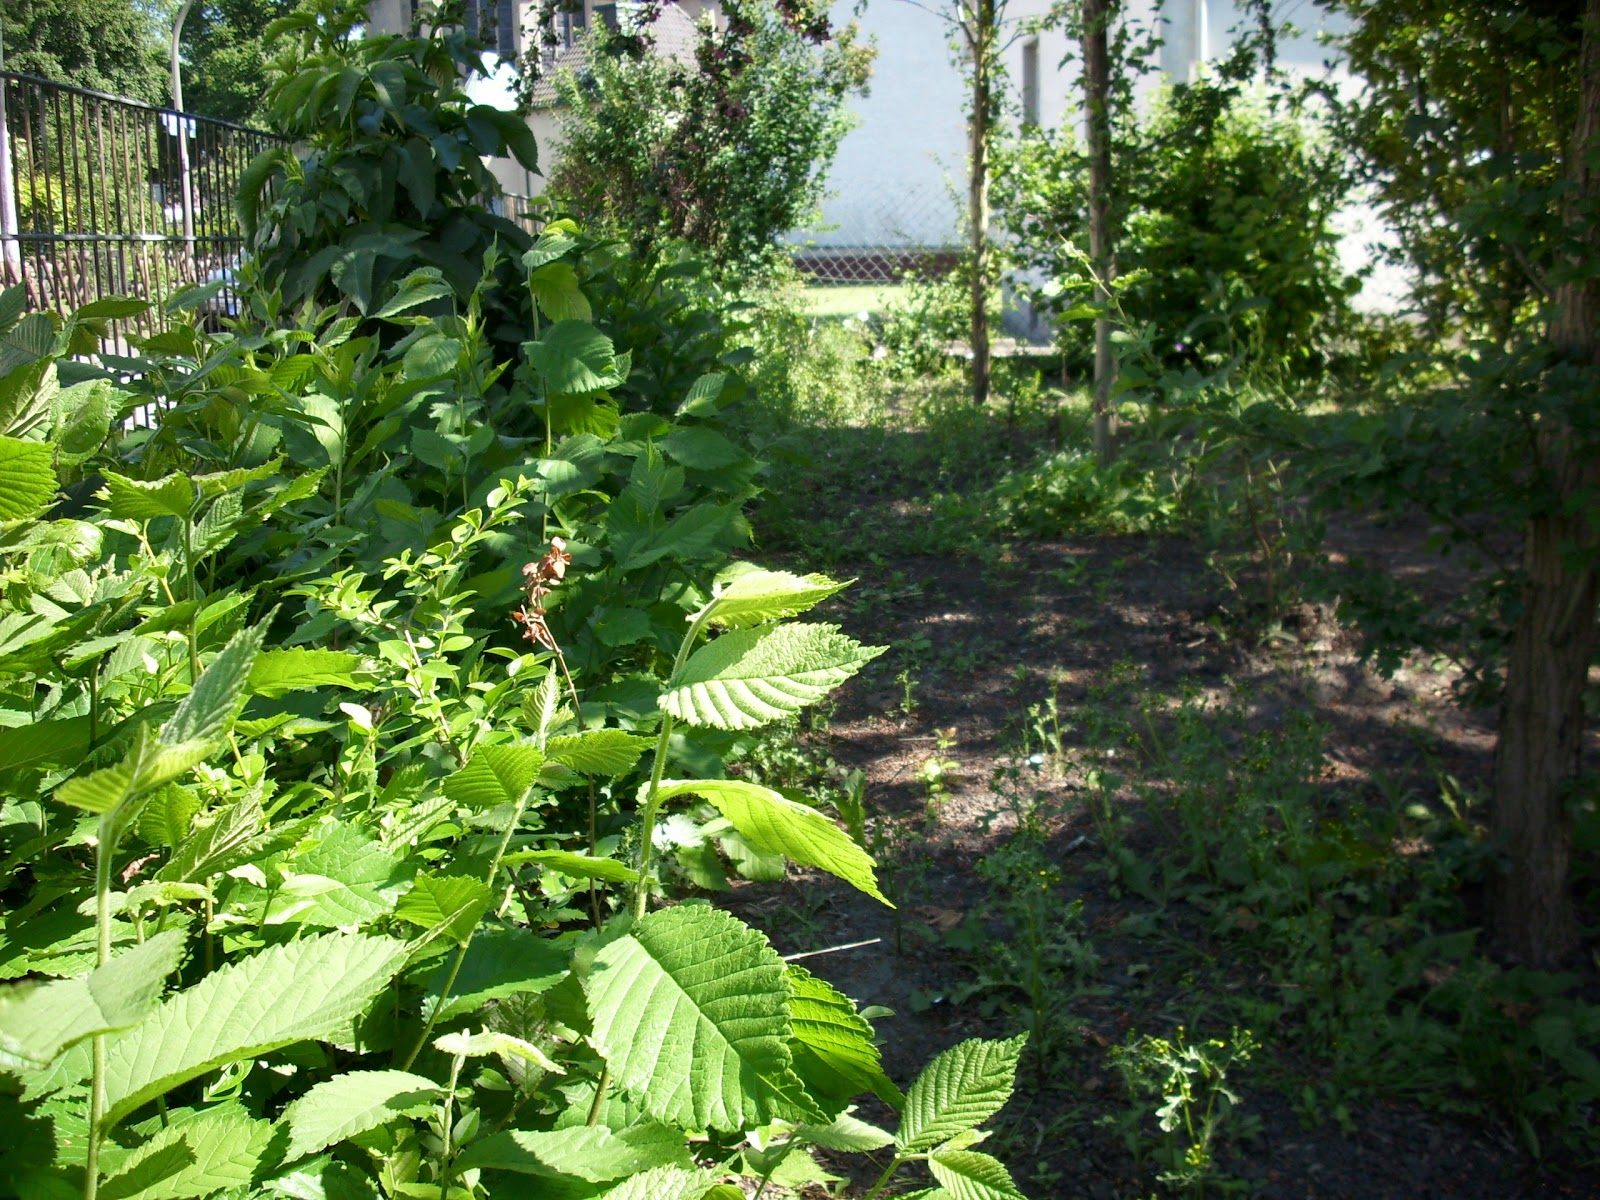 Mein Ganz Wilder Garten Die Wunderhecke